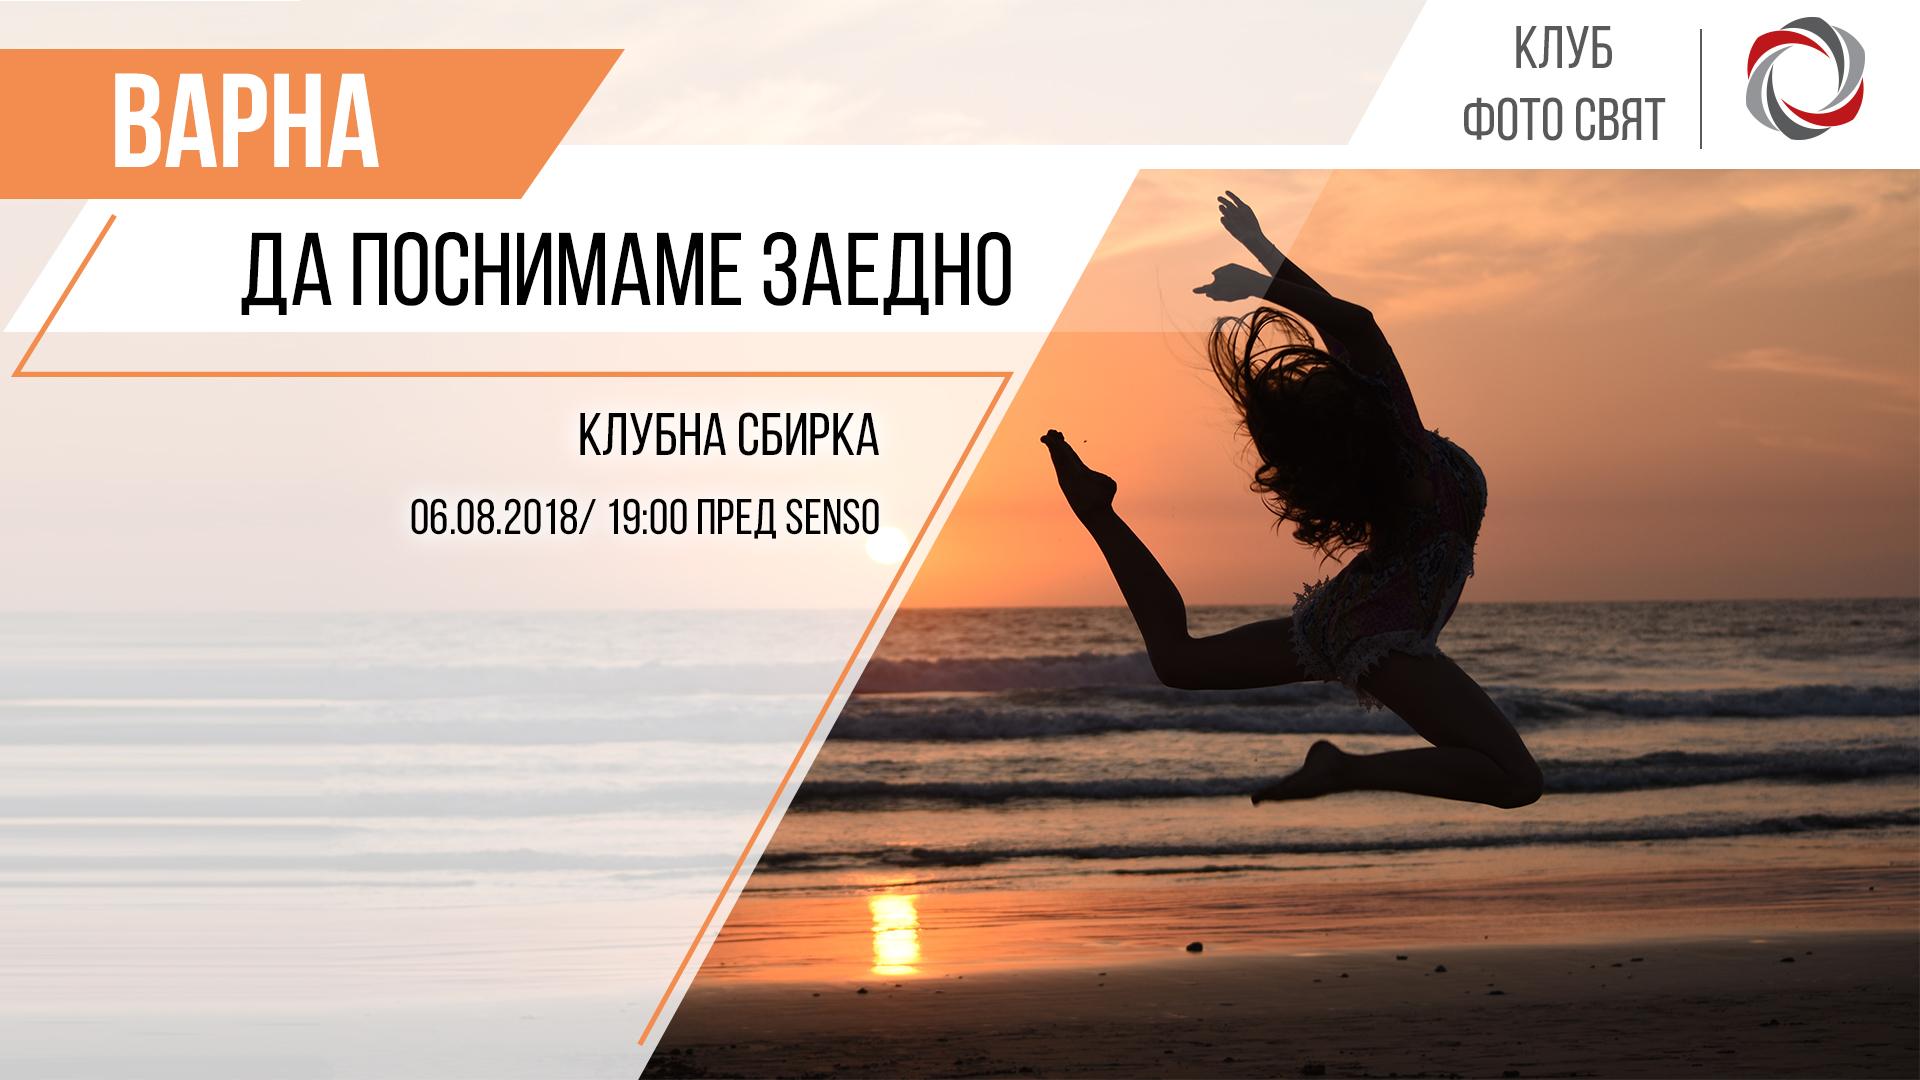 Да поснимаме заедно - Варна - Клубна сбирка